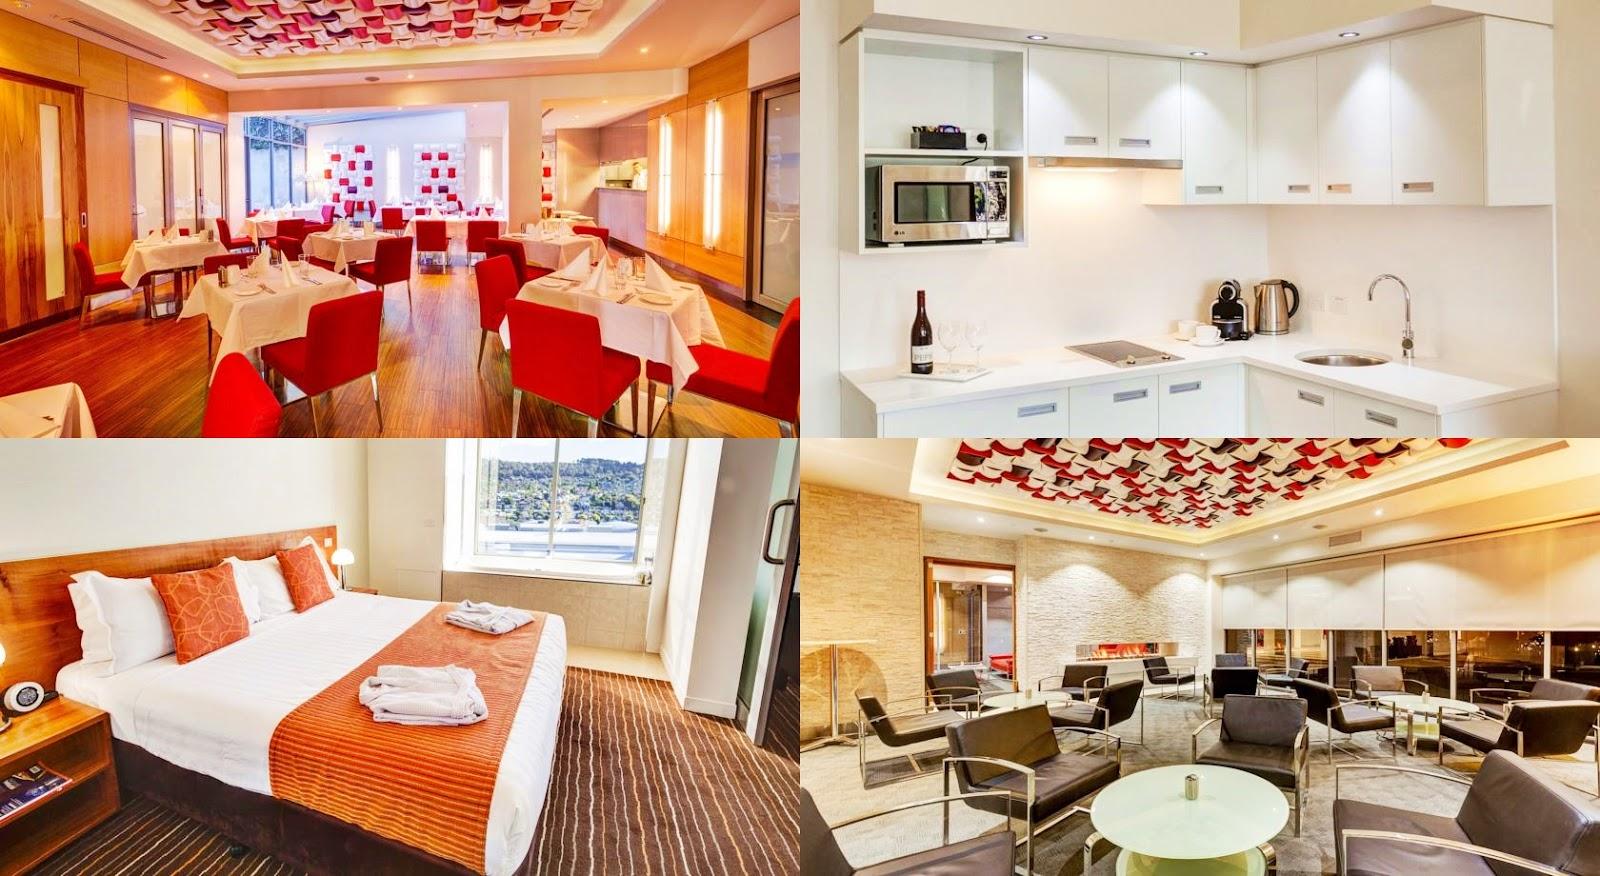 塔斯馬尼亞-住宿-推薦-查爾斯曼特拉酒店-Mantra-Charles-旅館-飯店-酒店-民宿-公寓-澳洲-Tasmania-Hotel-Apartment-Accommodation-Australia